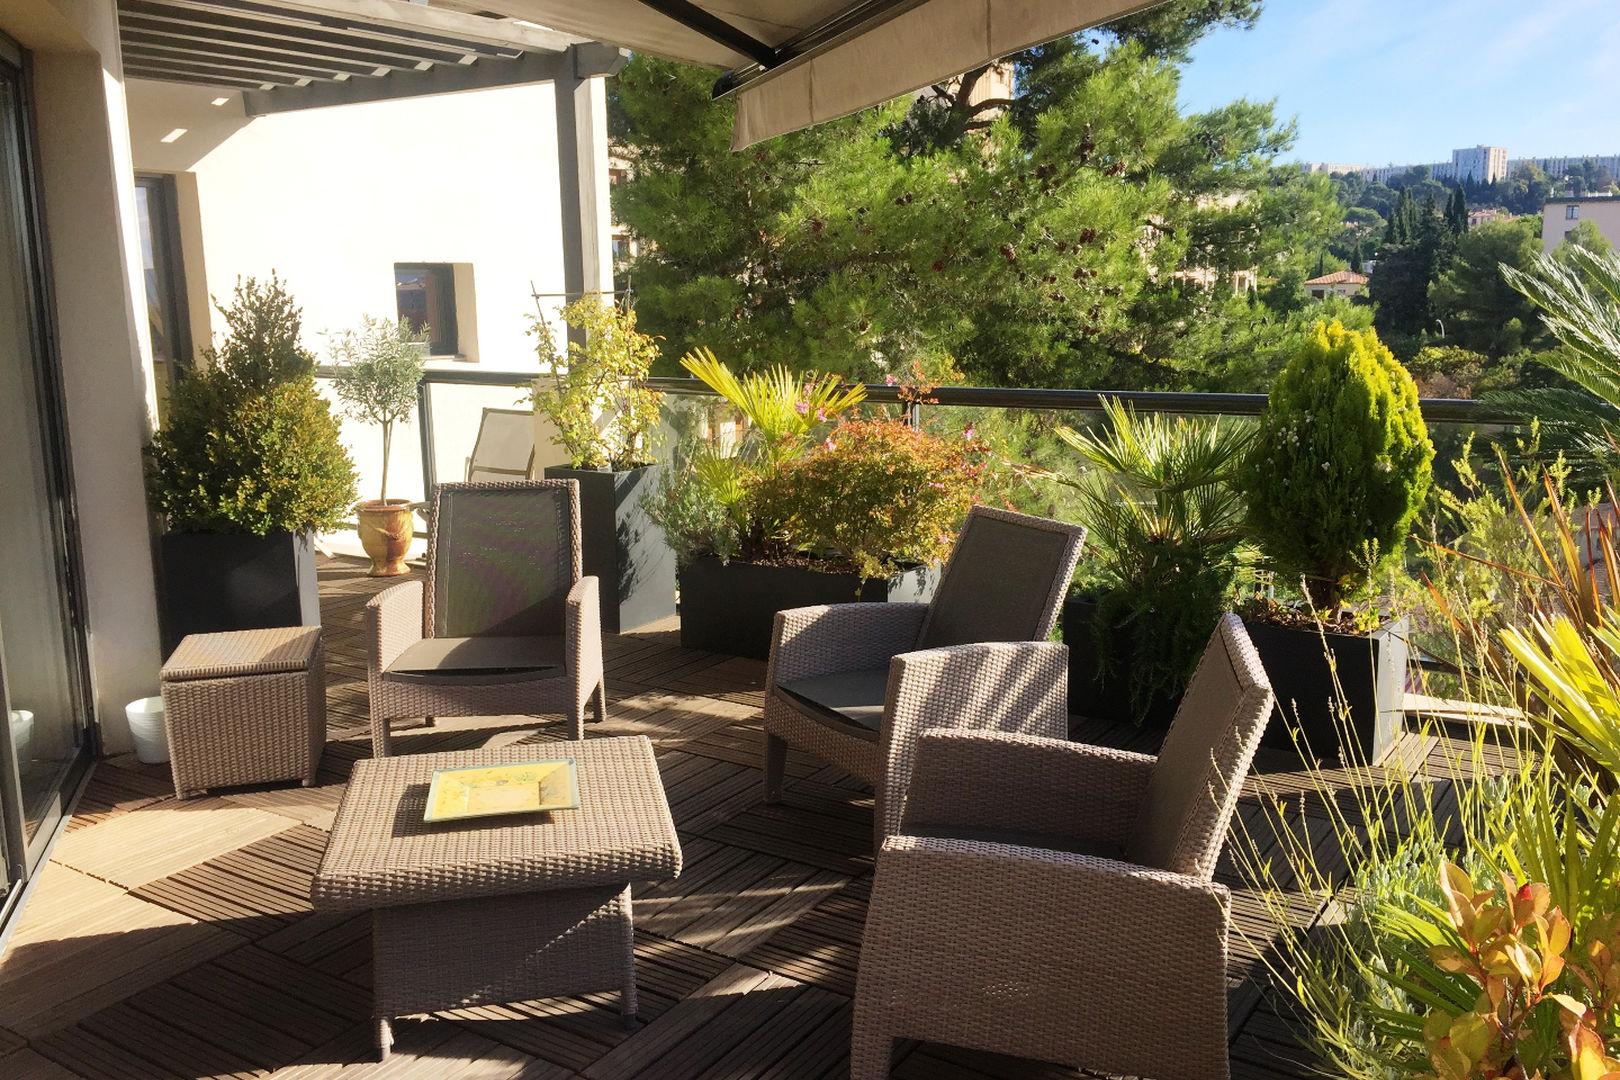 Vente maisons et appartements de prestige provence c te d 39 azur john cheetham immobilier - Salon immobilier aix en provence ...